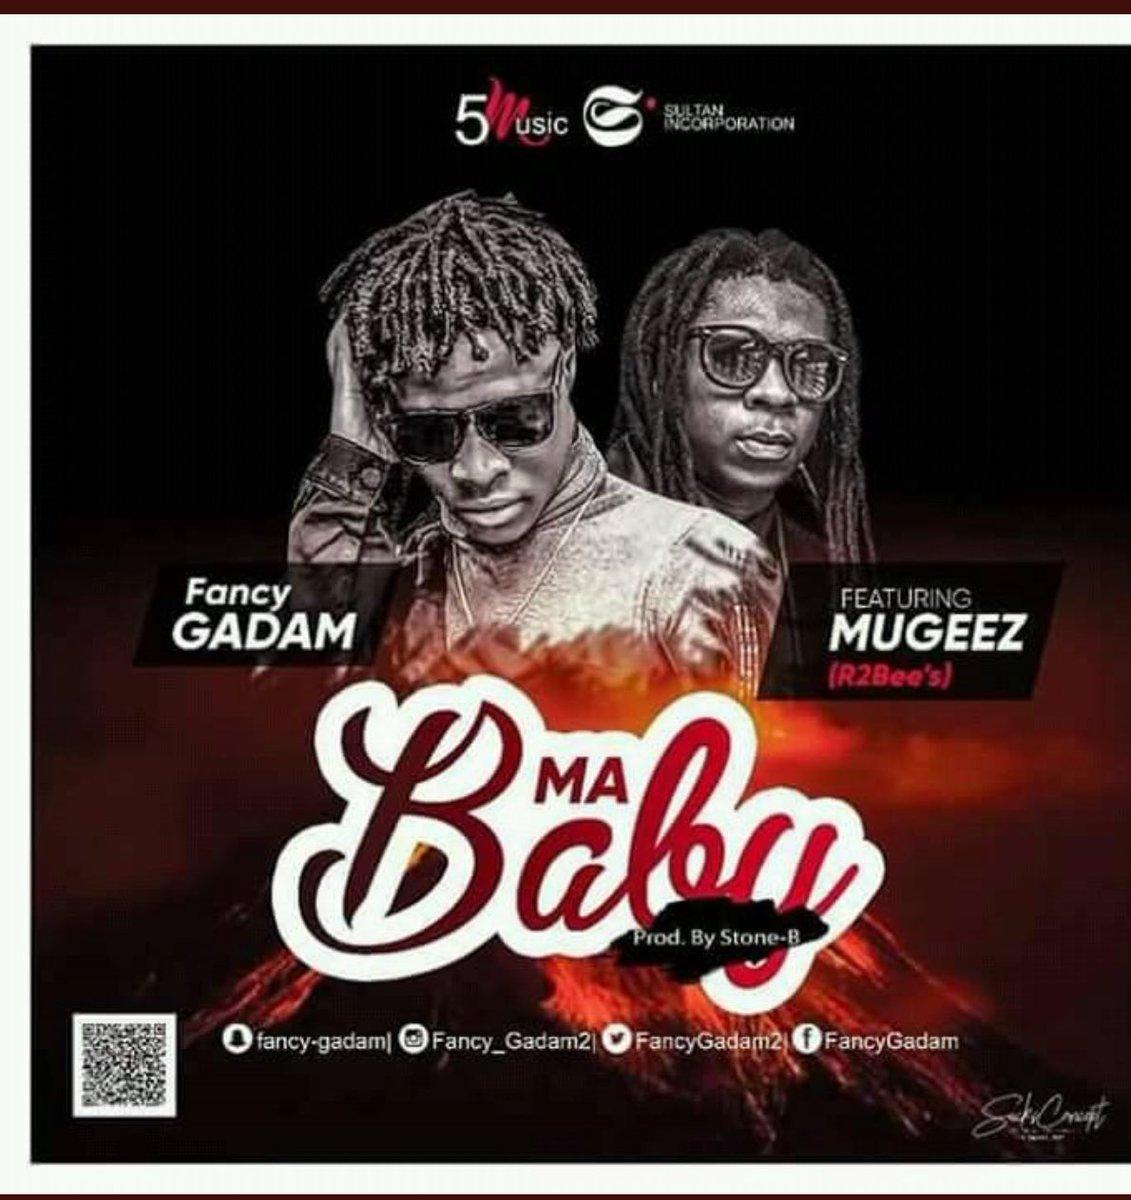 Next Release: Fancy Gadam – Ma Baft. Mugeez (Prod Stone-B)